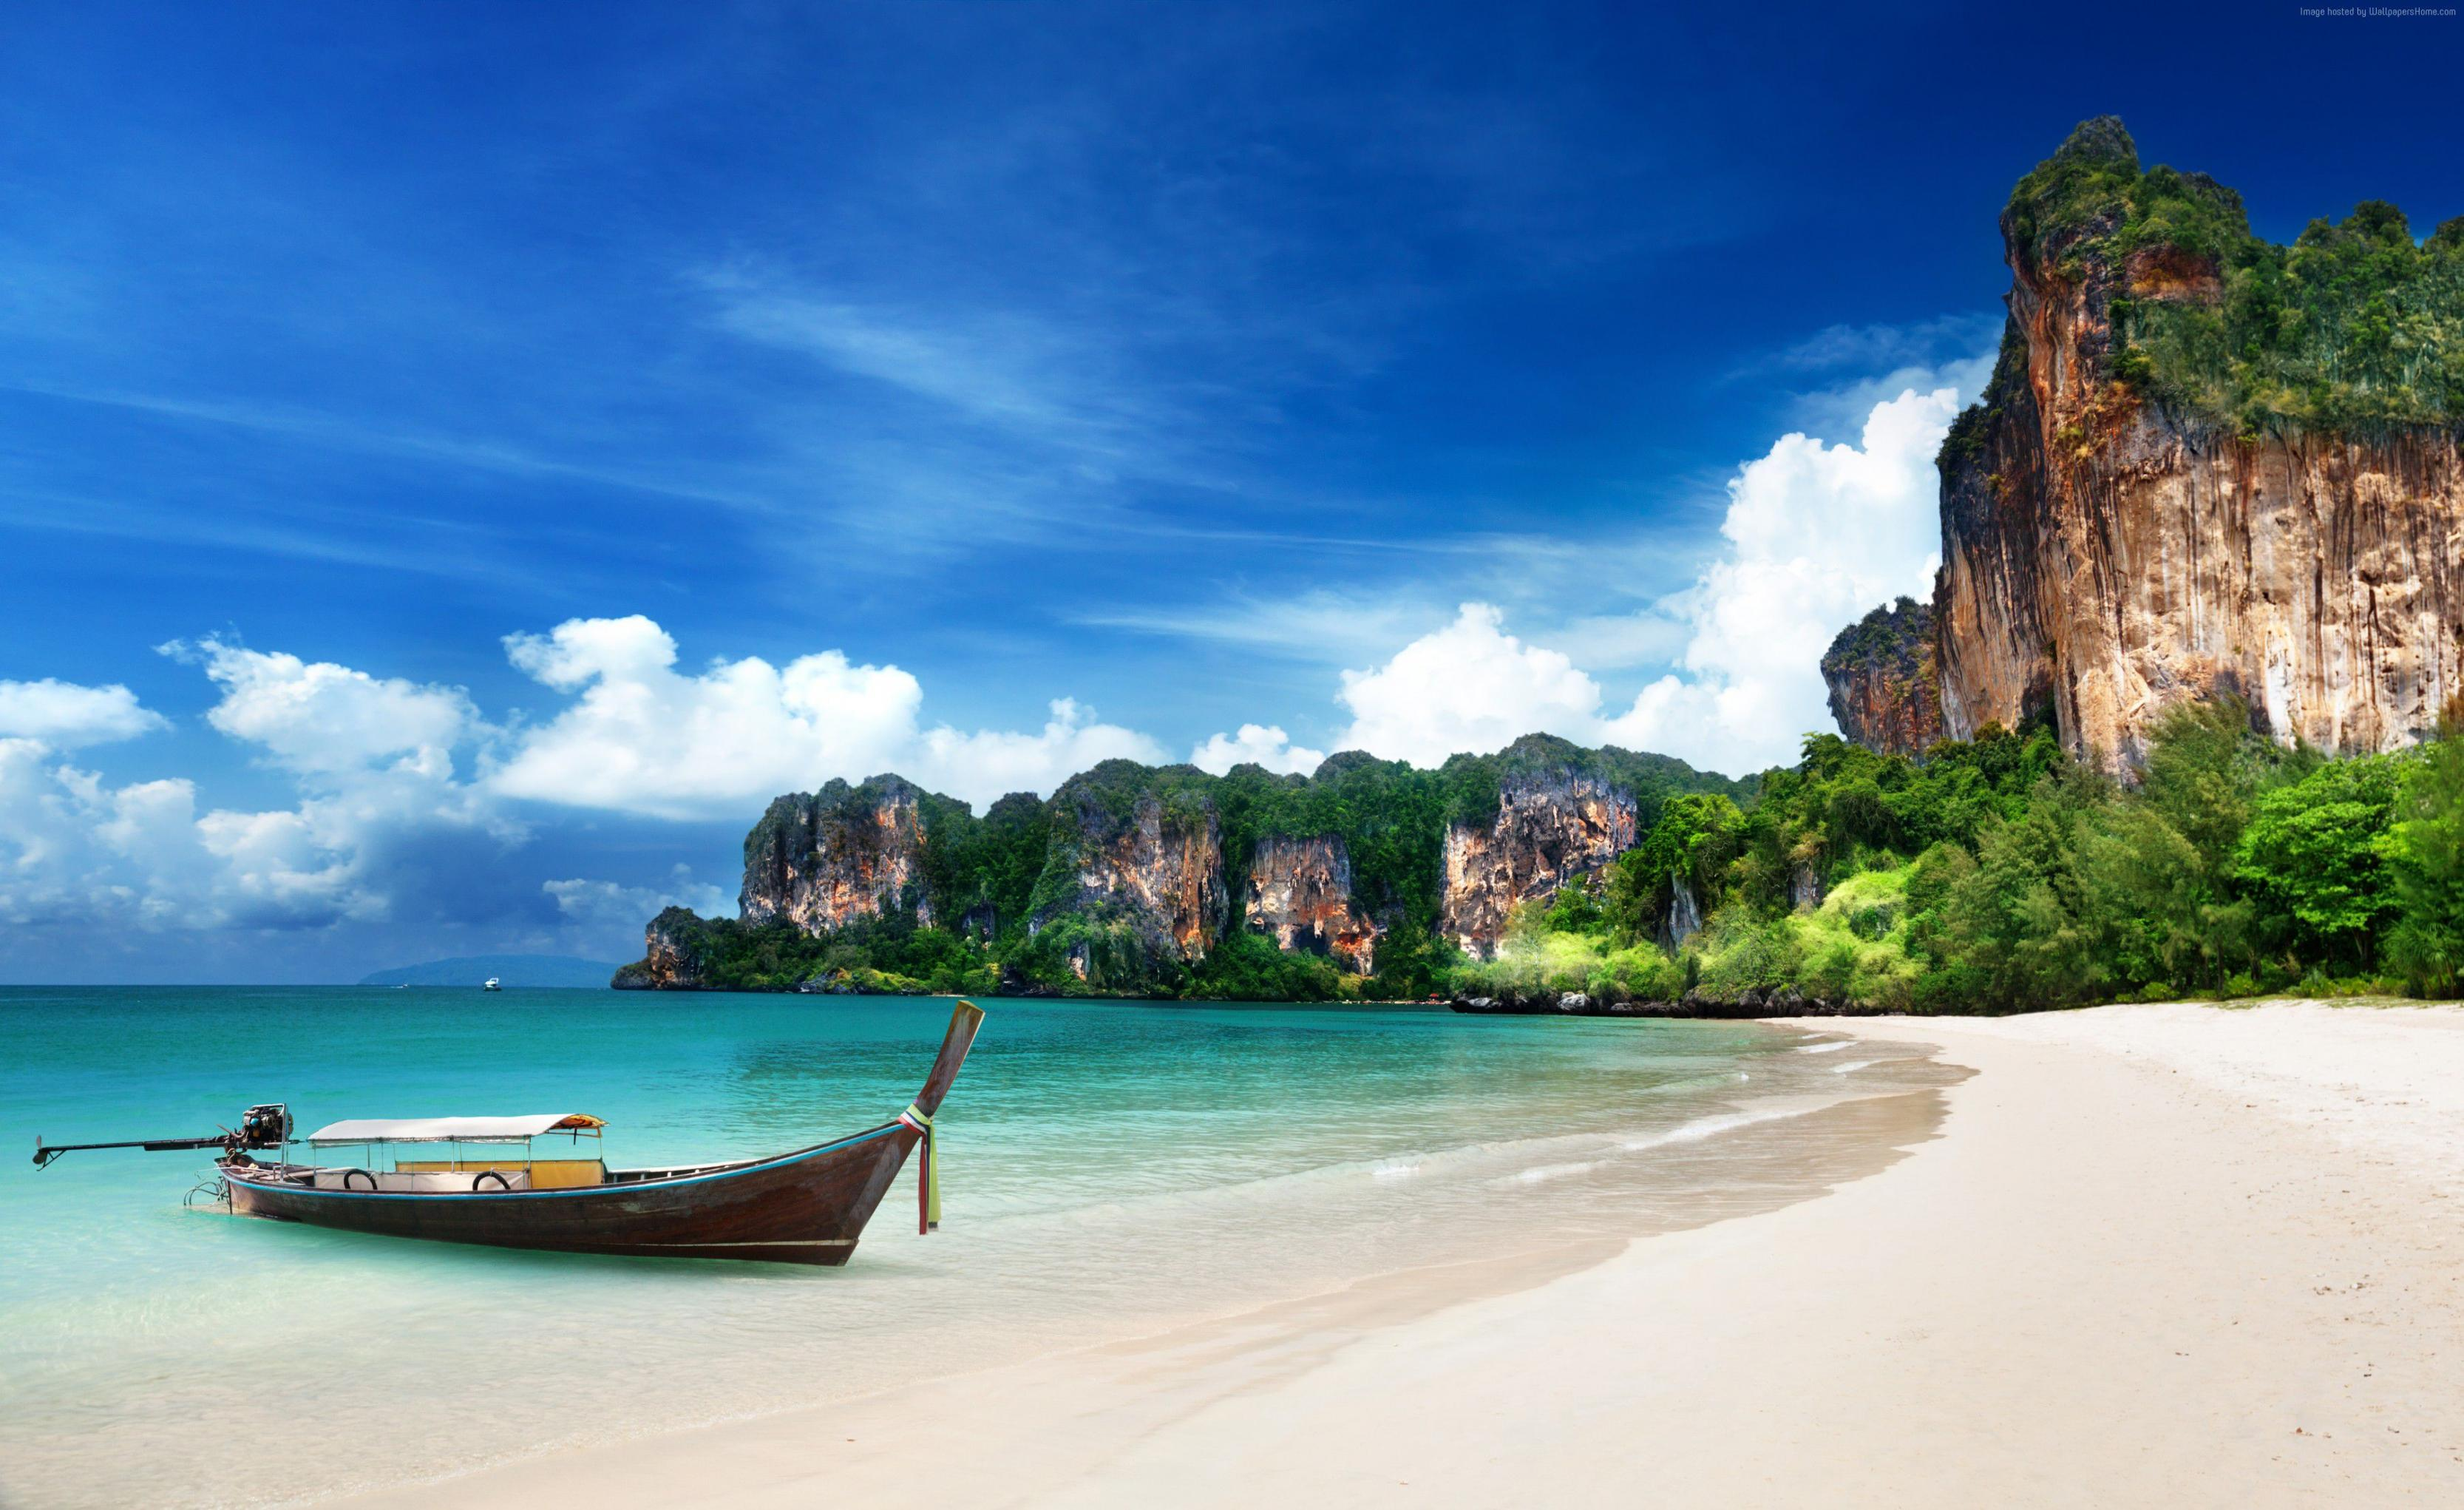 صوره اجمل شواطئ العالم , افضل الشواطي الموجودة في العالم